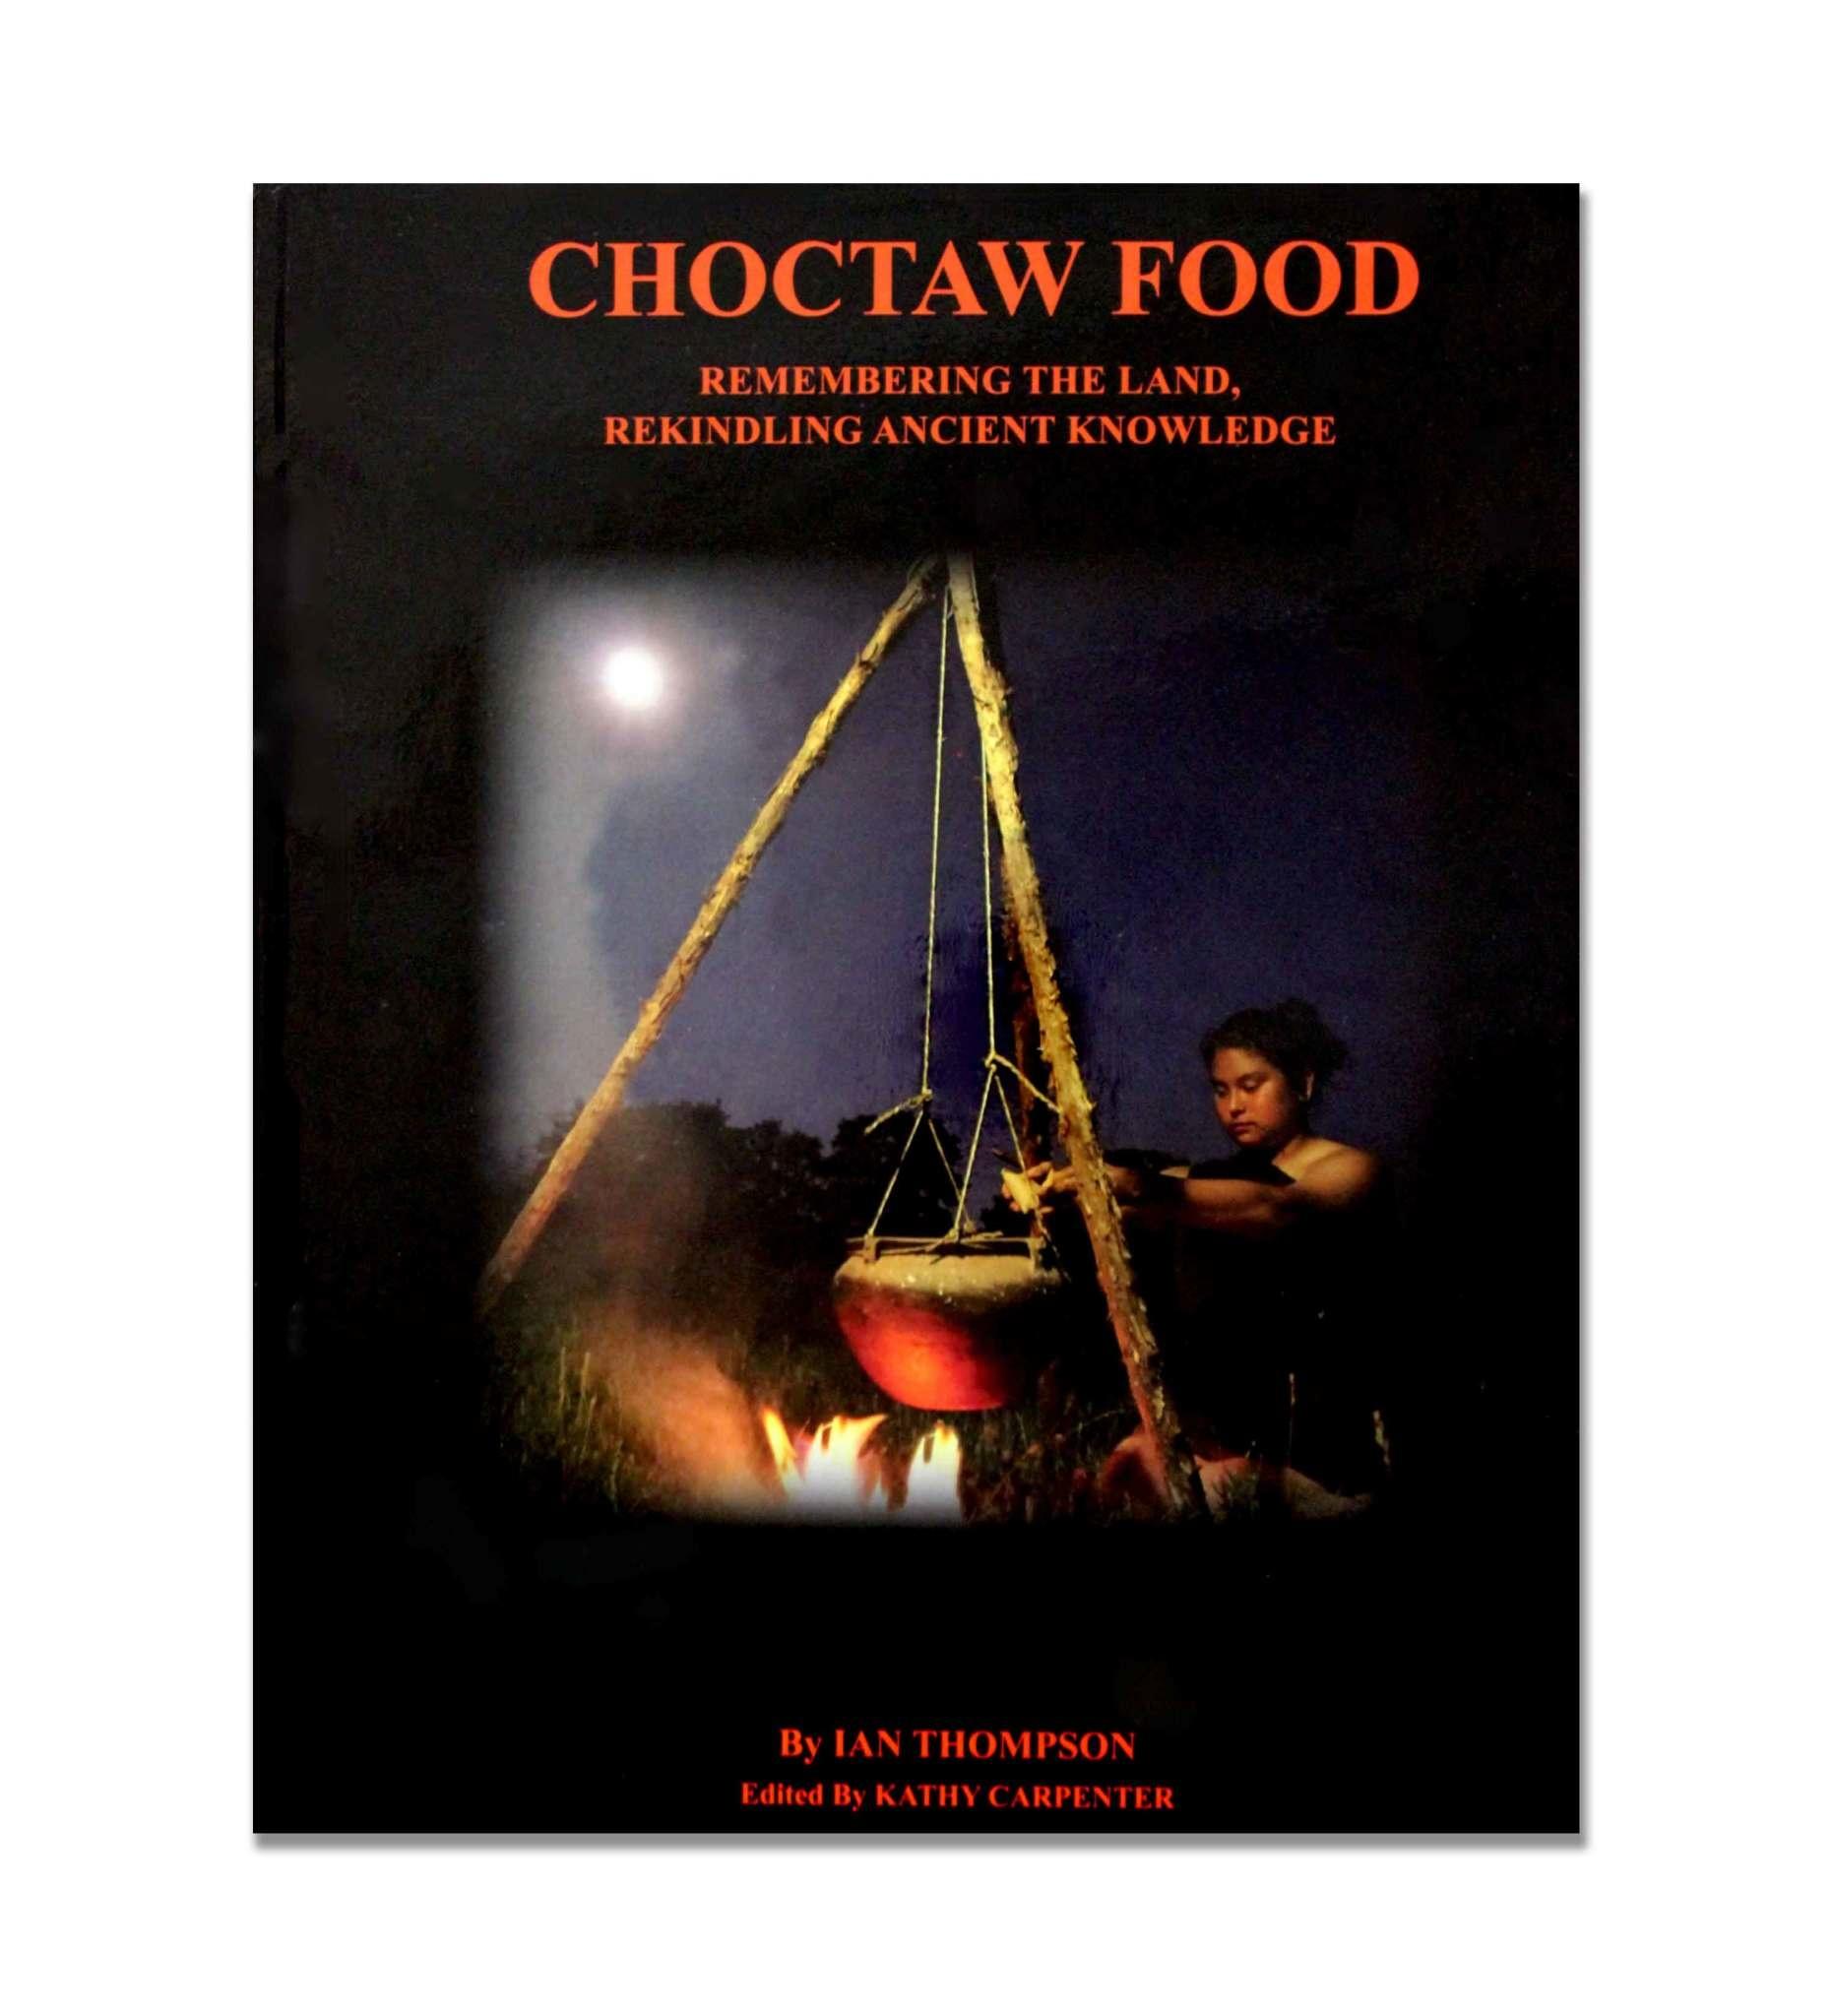 Choctaw Food By Ian Thompson